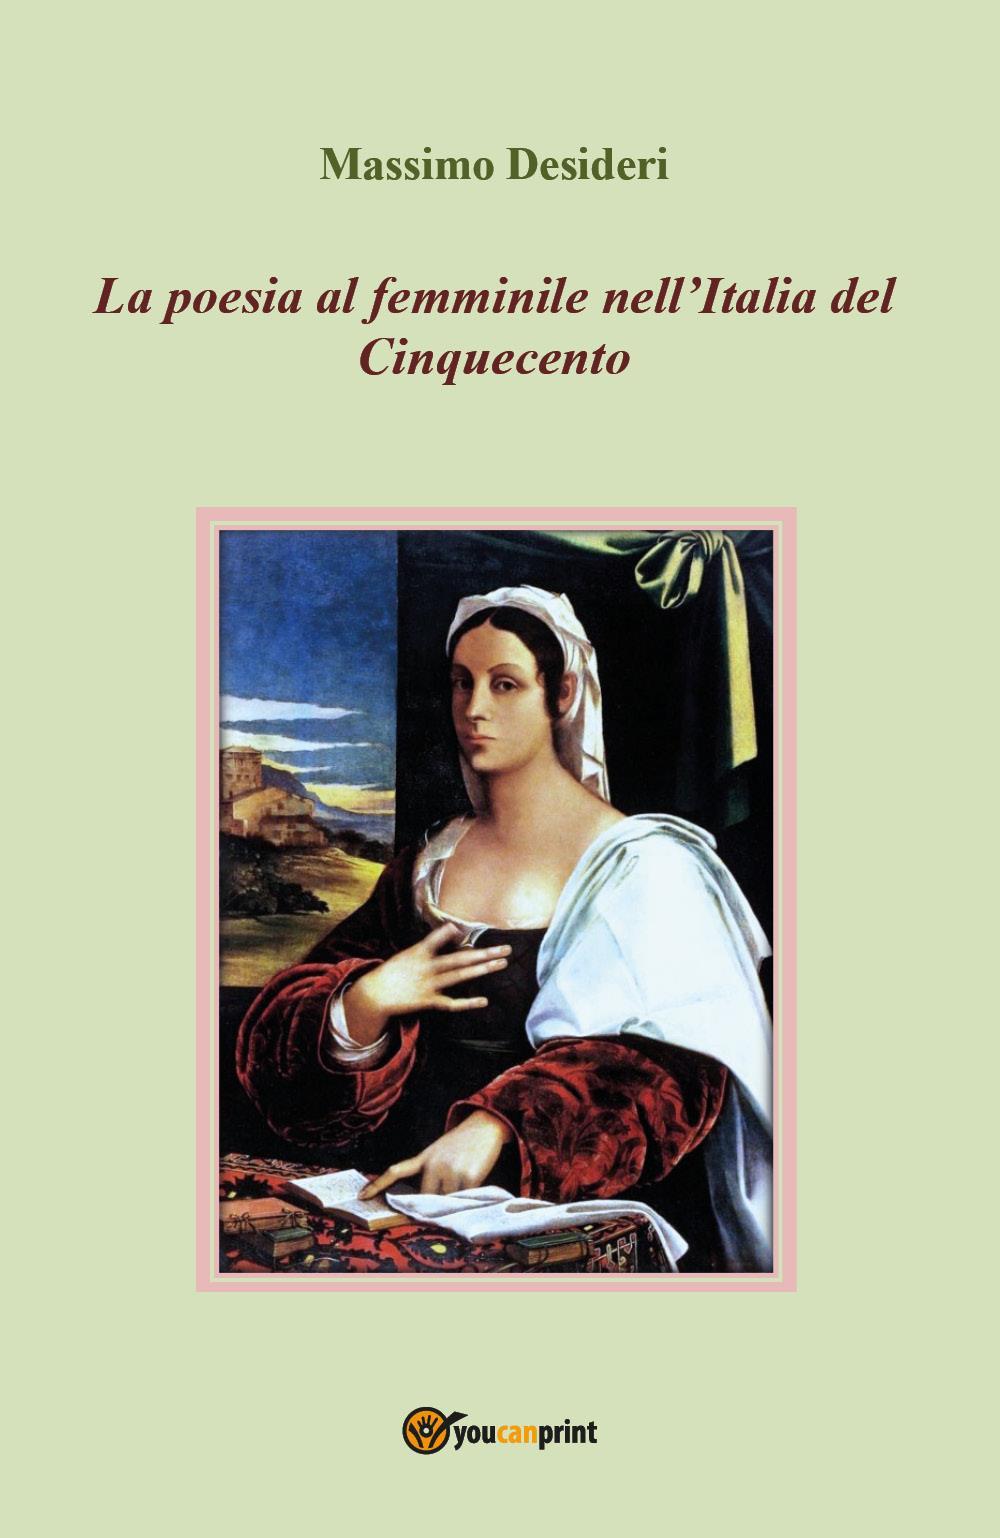 La poesia al femminile nell'Italia del Cinquecento